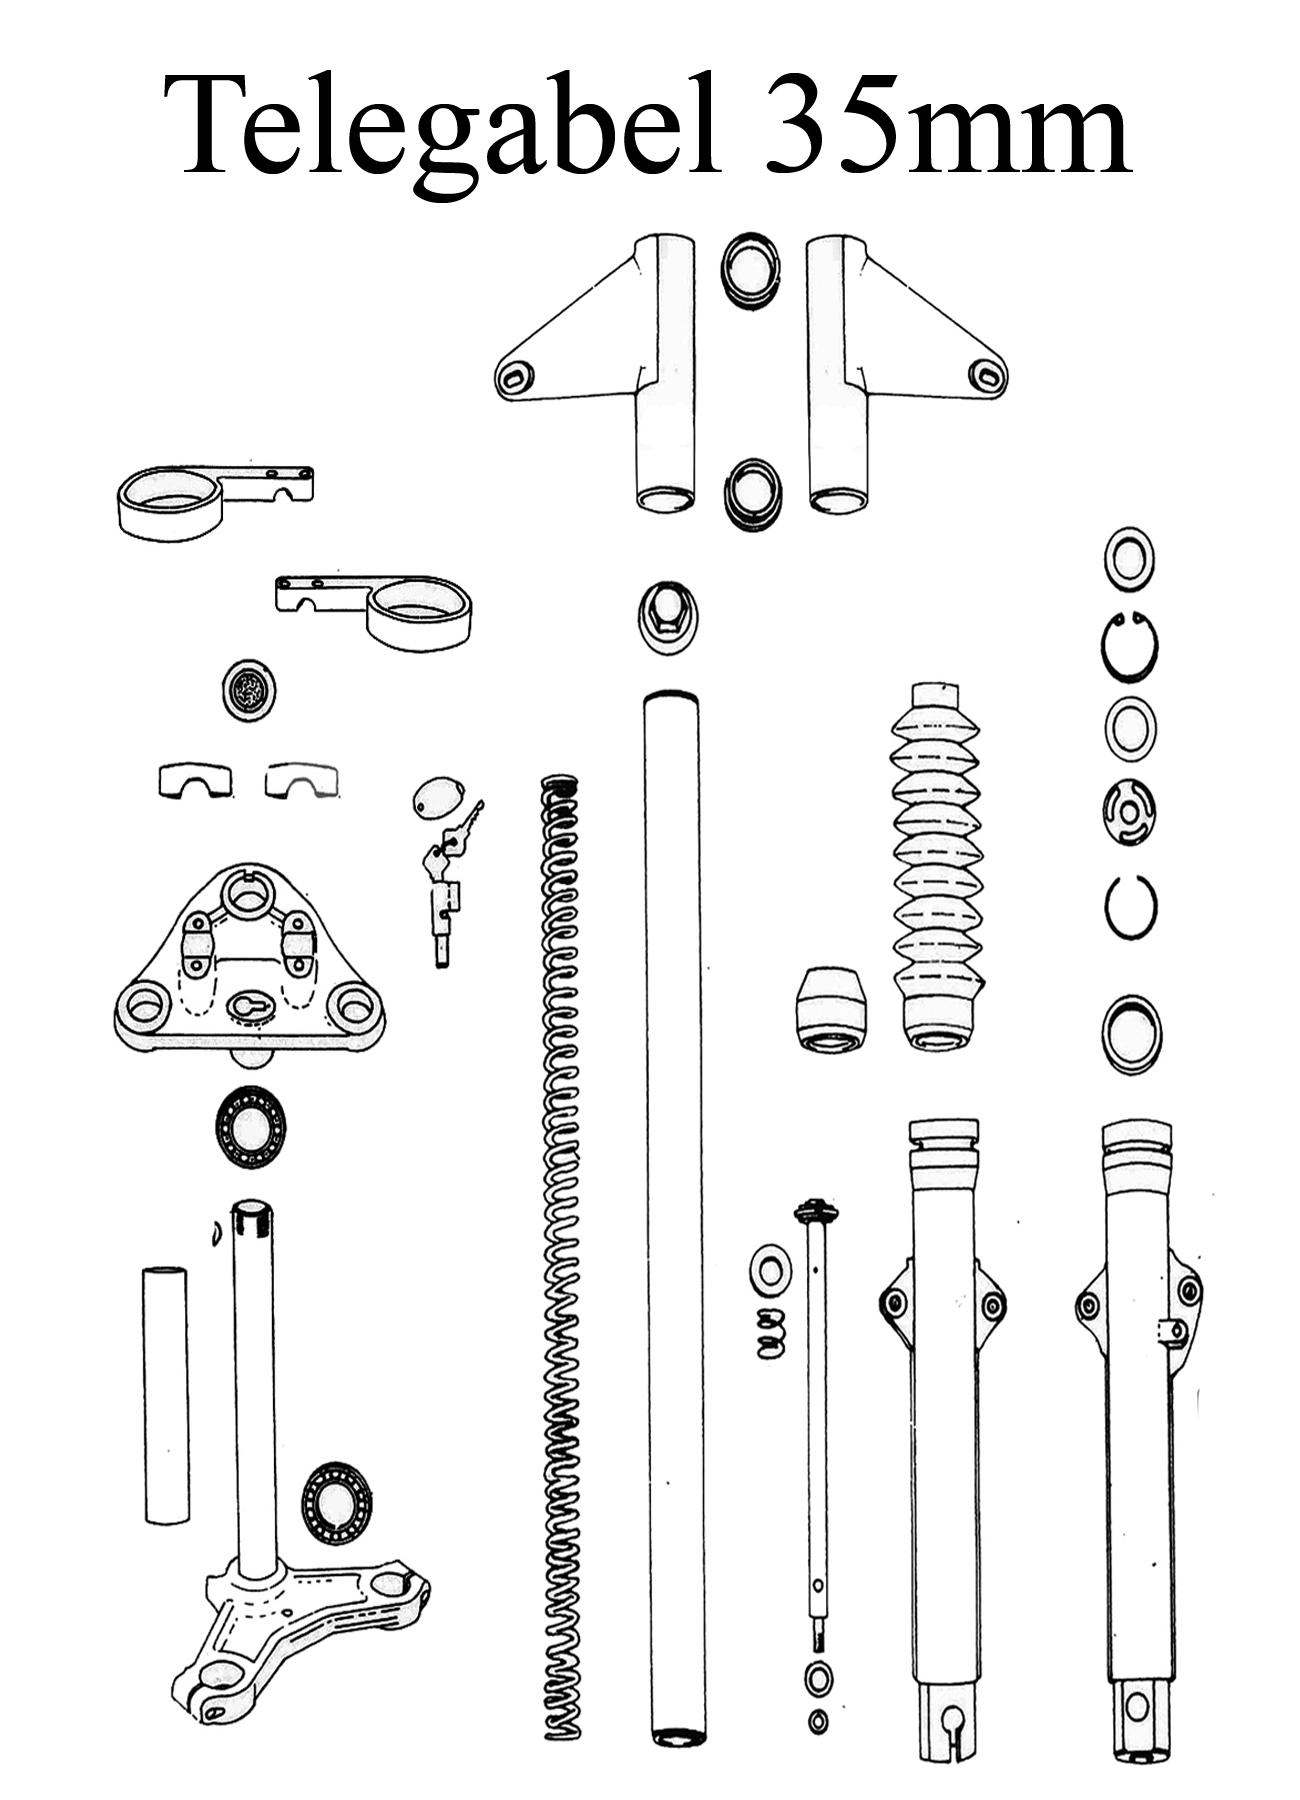 MZ TS 125 150 Ersatzteile Telegabel 35mm Vorderradfederung Führungsrohr Gleitrohr Faltenbalg Instrumentenhalter